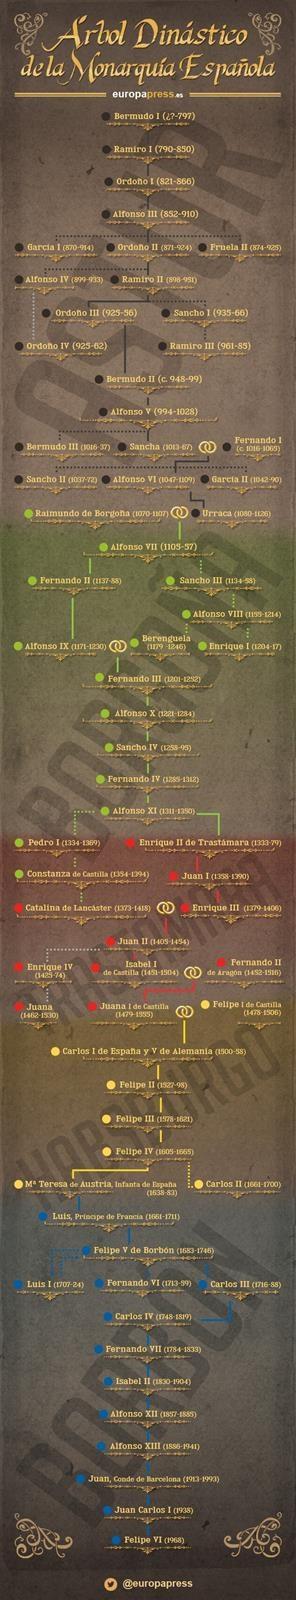 El árbol dinástico de la monarquía en España: las